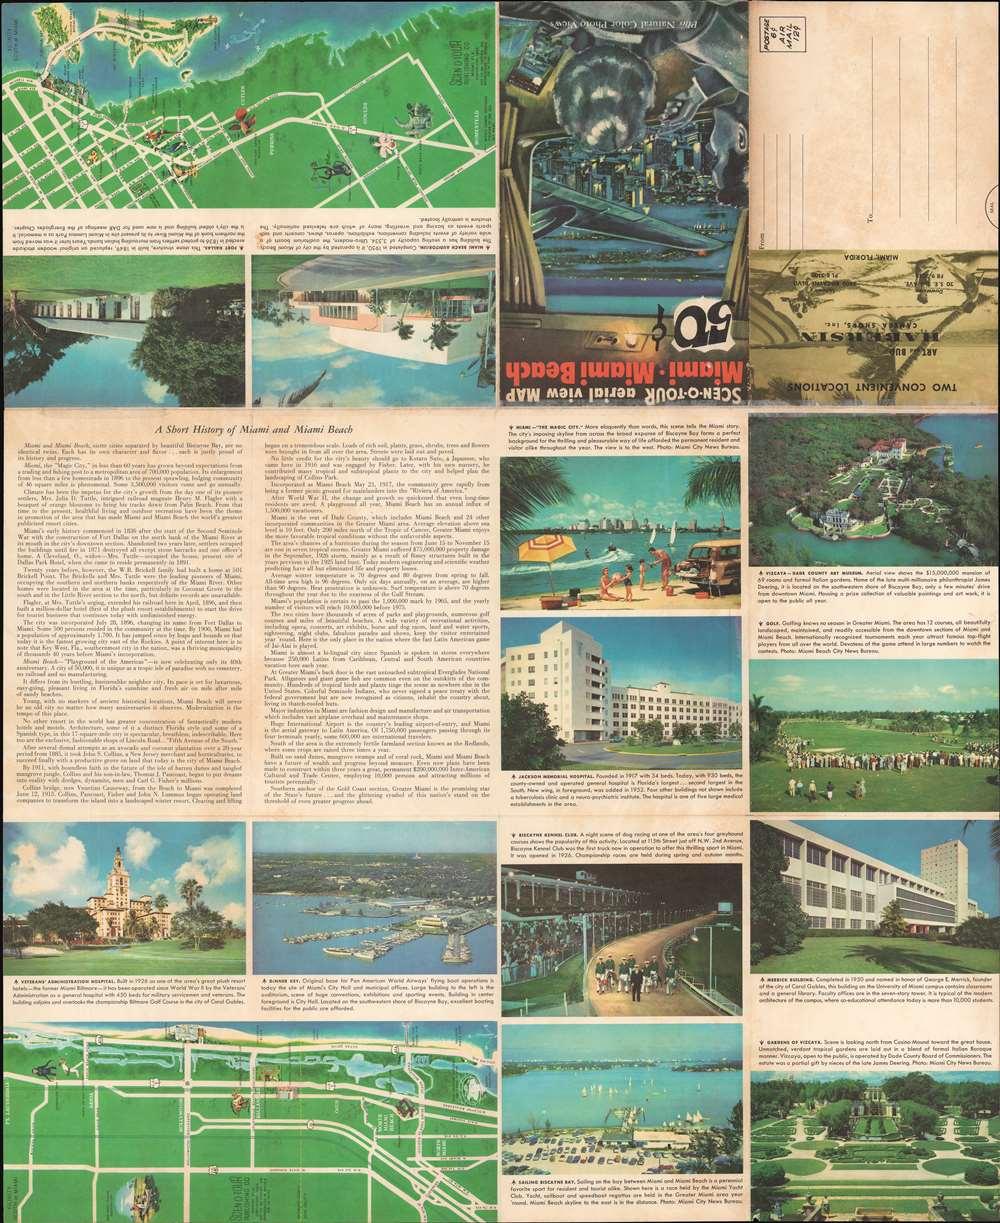 Scen-O-Tour Miami and Miami Beach. - Alternate View 1